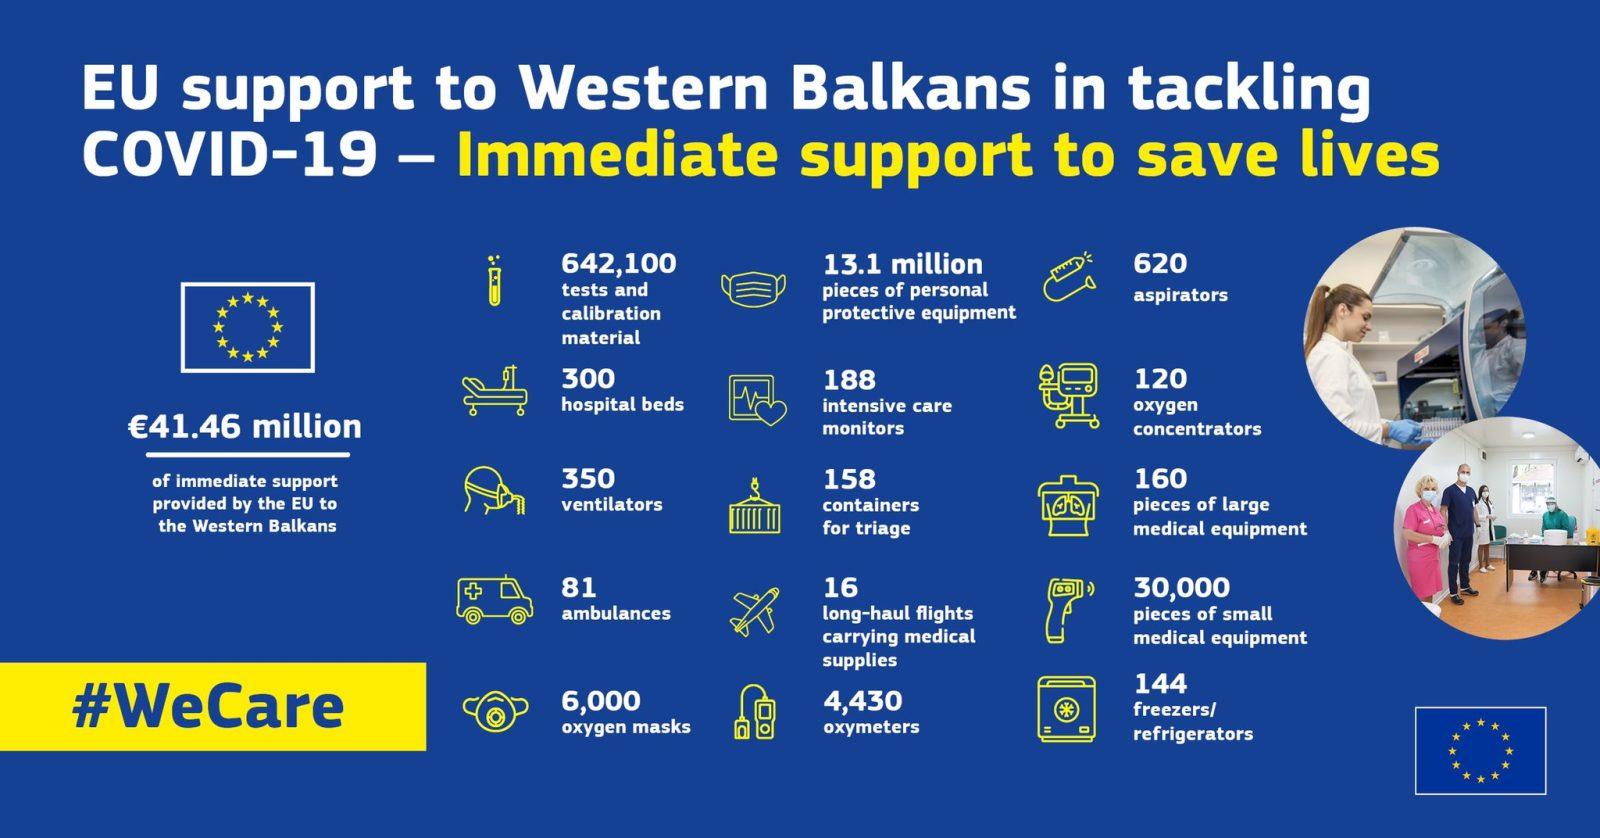 várhelyi SZOMSZÉDSÁGI POLITIKA: Várhelyi Vučićtyal pezsgőzött, avagy kevés és megkésett a Balkánnak nyújtott uniós támogatás E0eq9zIXoAkmadH